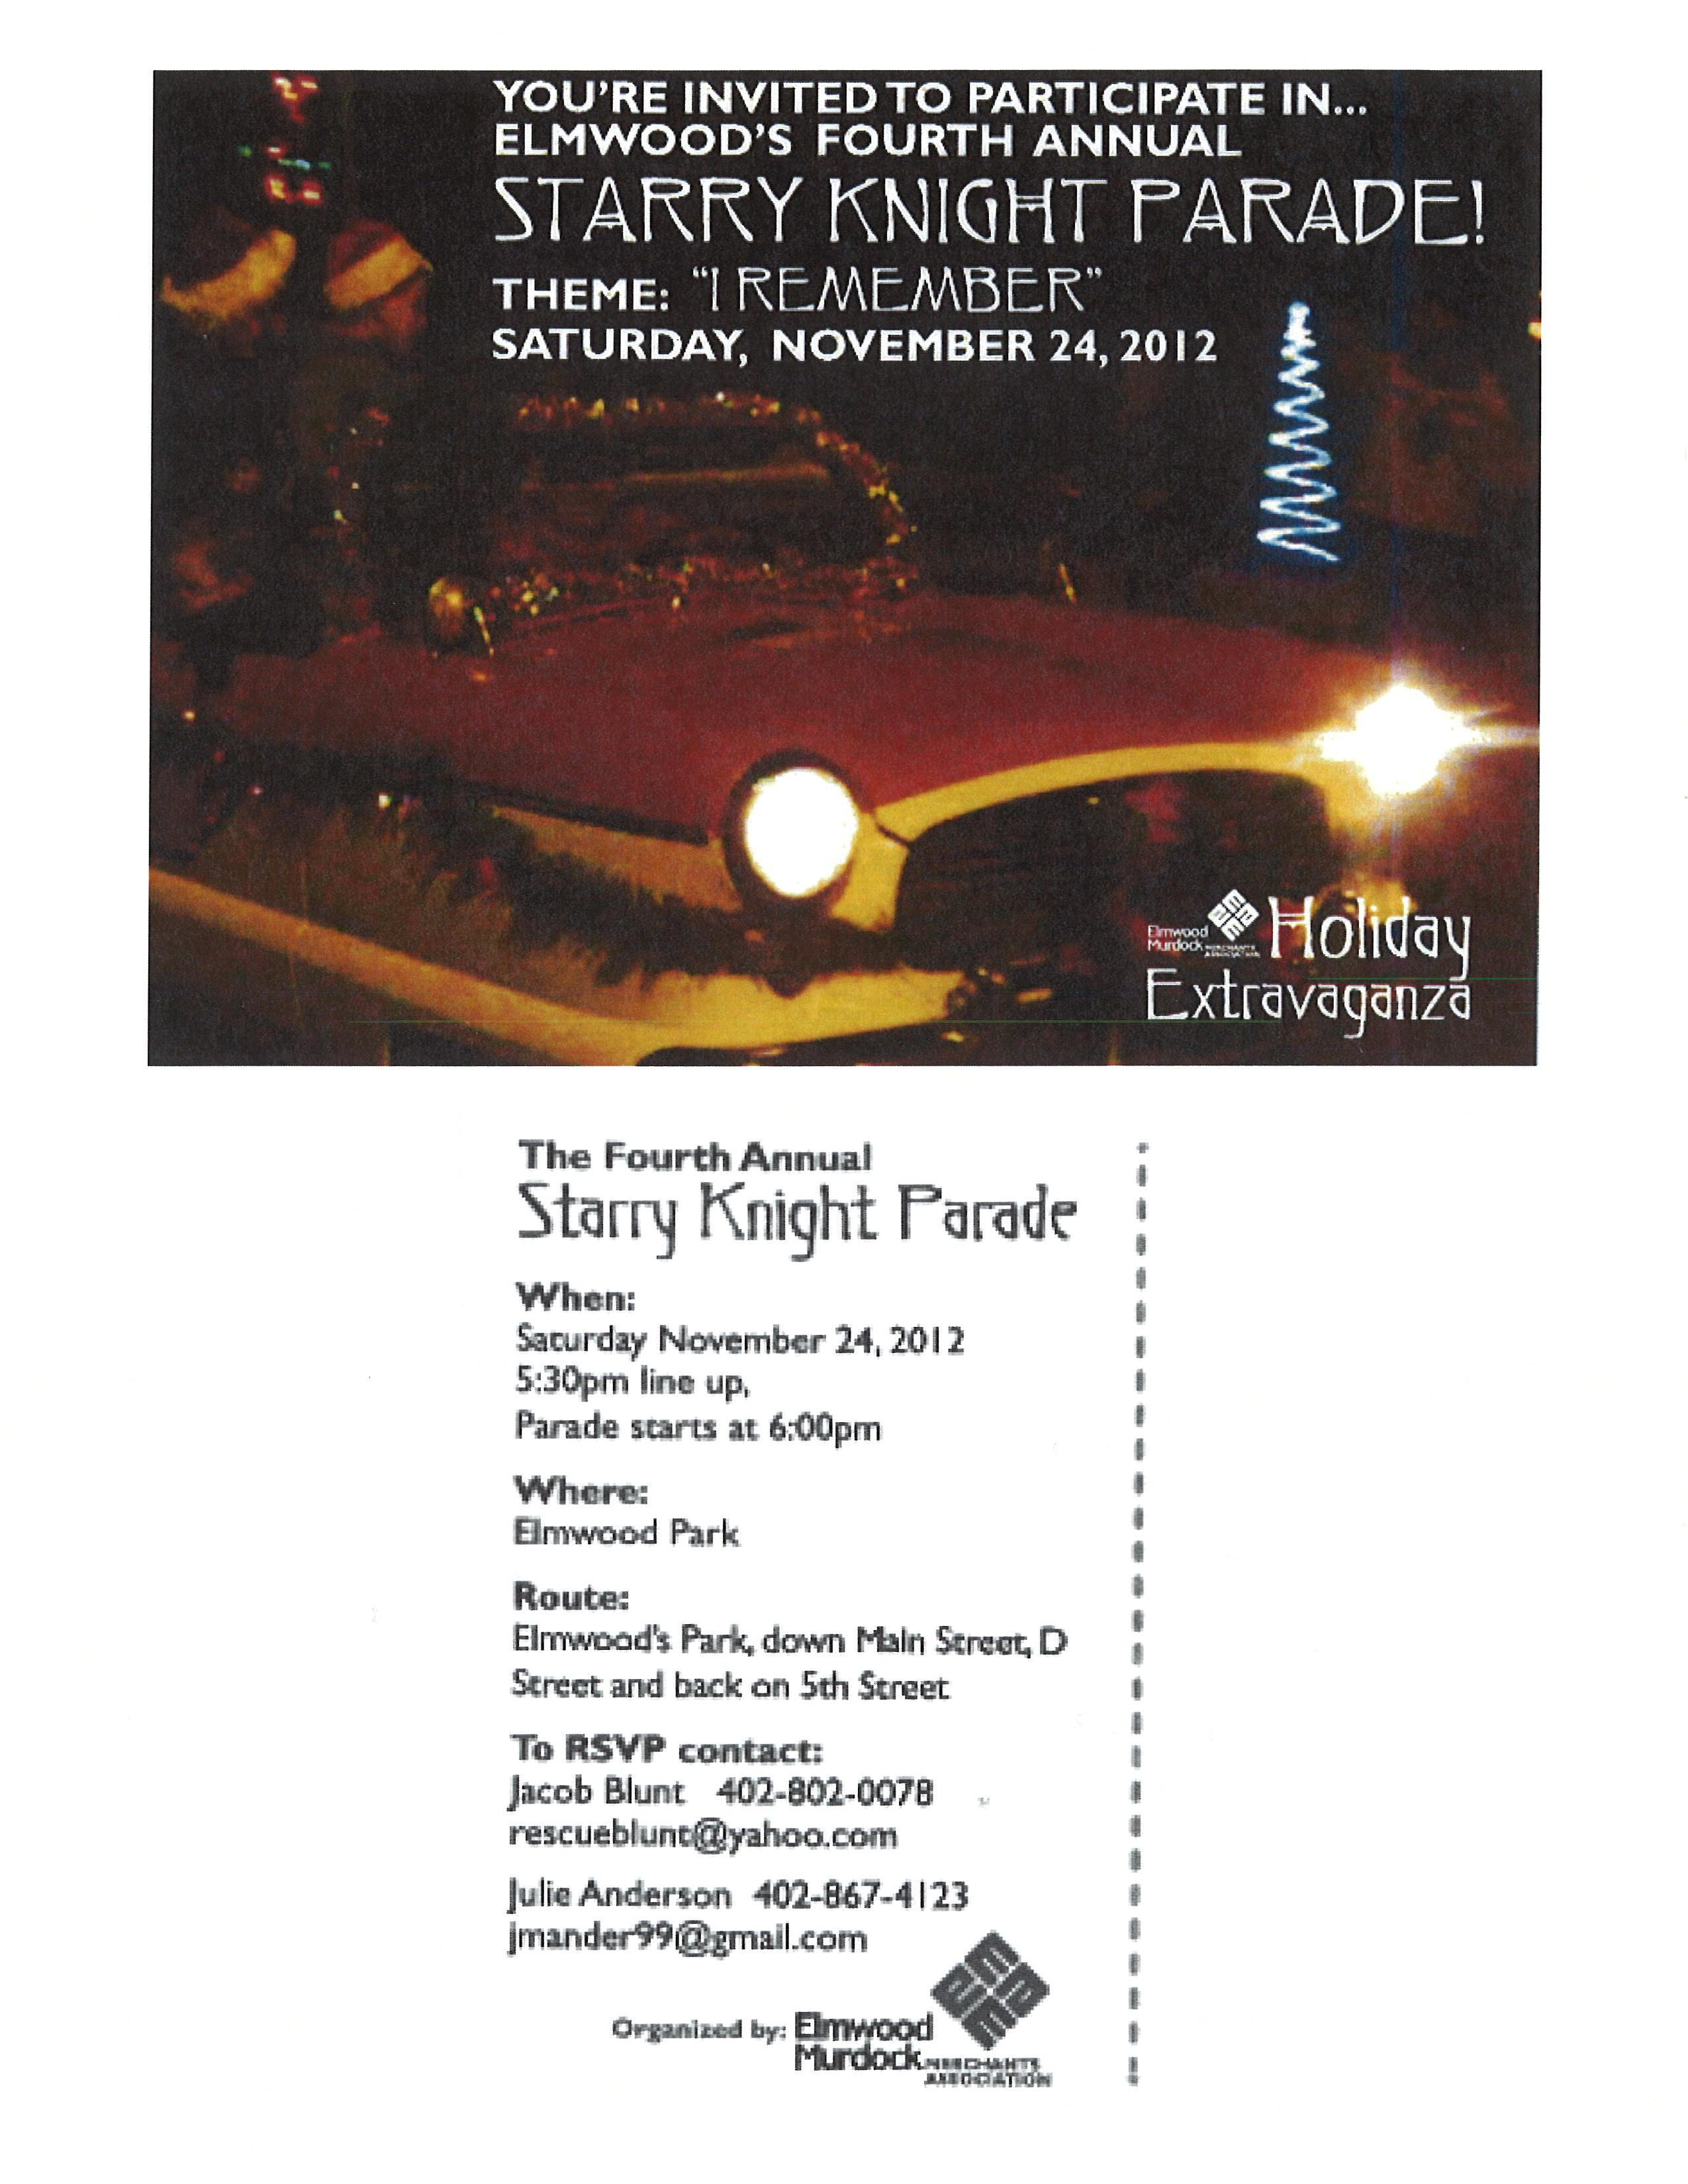 Gmail themes holiday - Holiday Extravaganza_parade_flyer